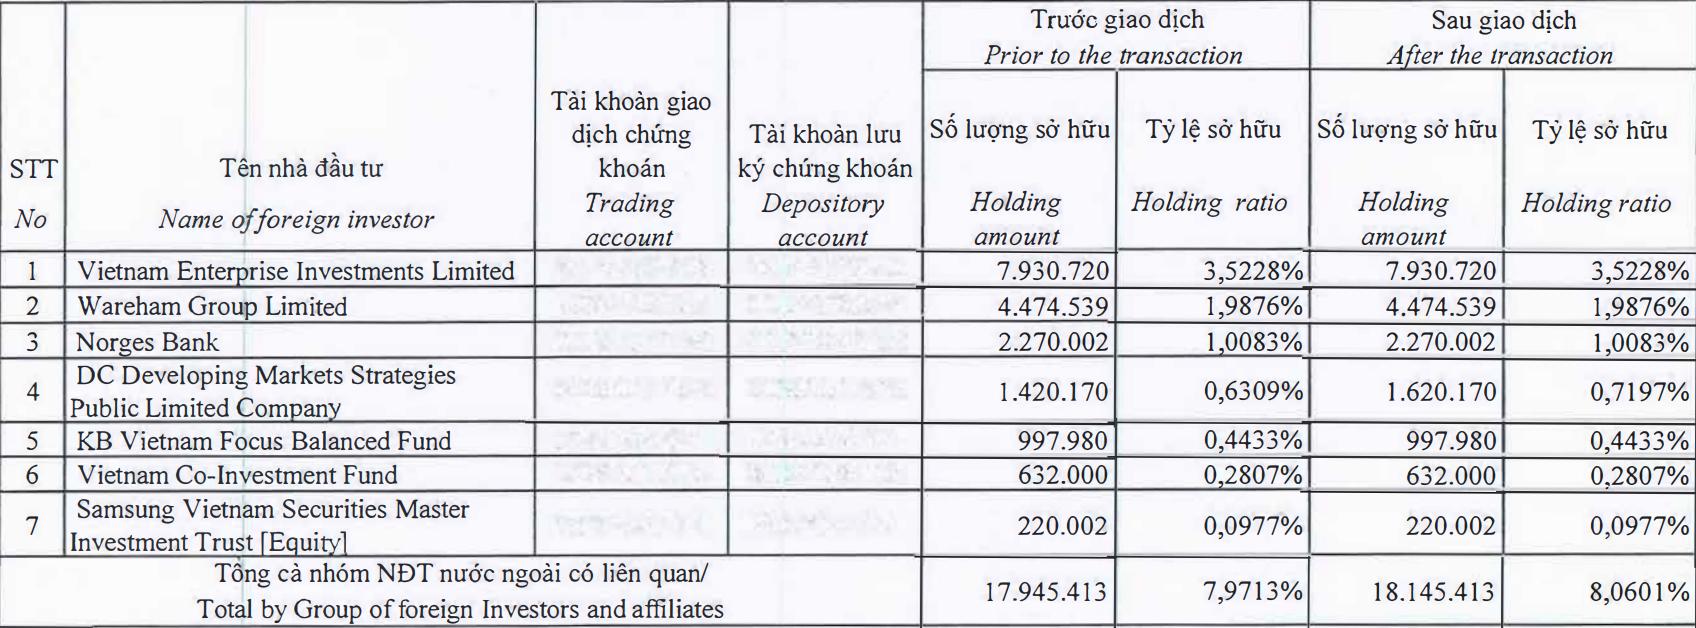 Chỉ một quĩ thành viên của Dragon Capital mua cổ phiếu PNJ - Ảnh 1.